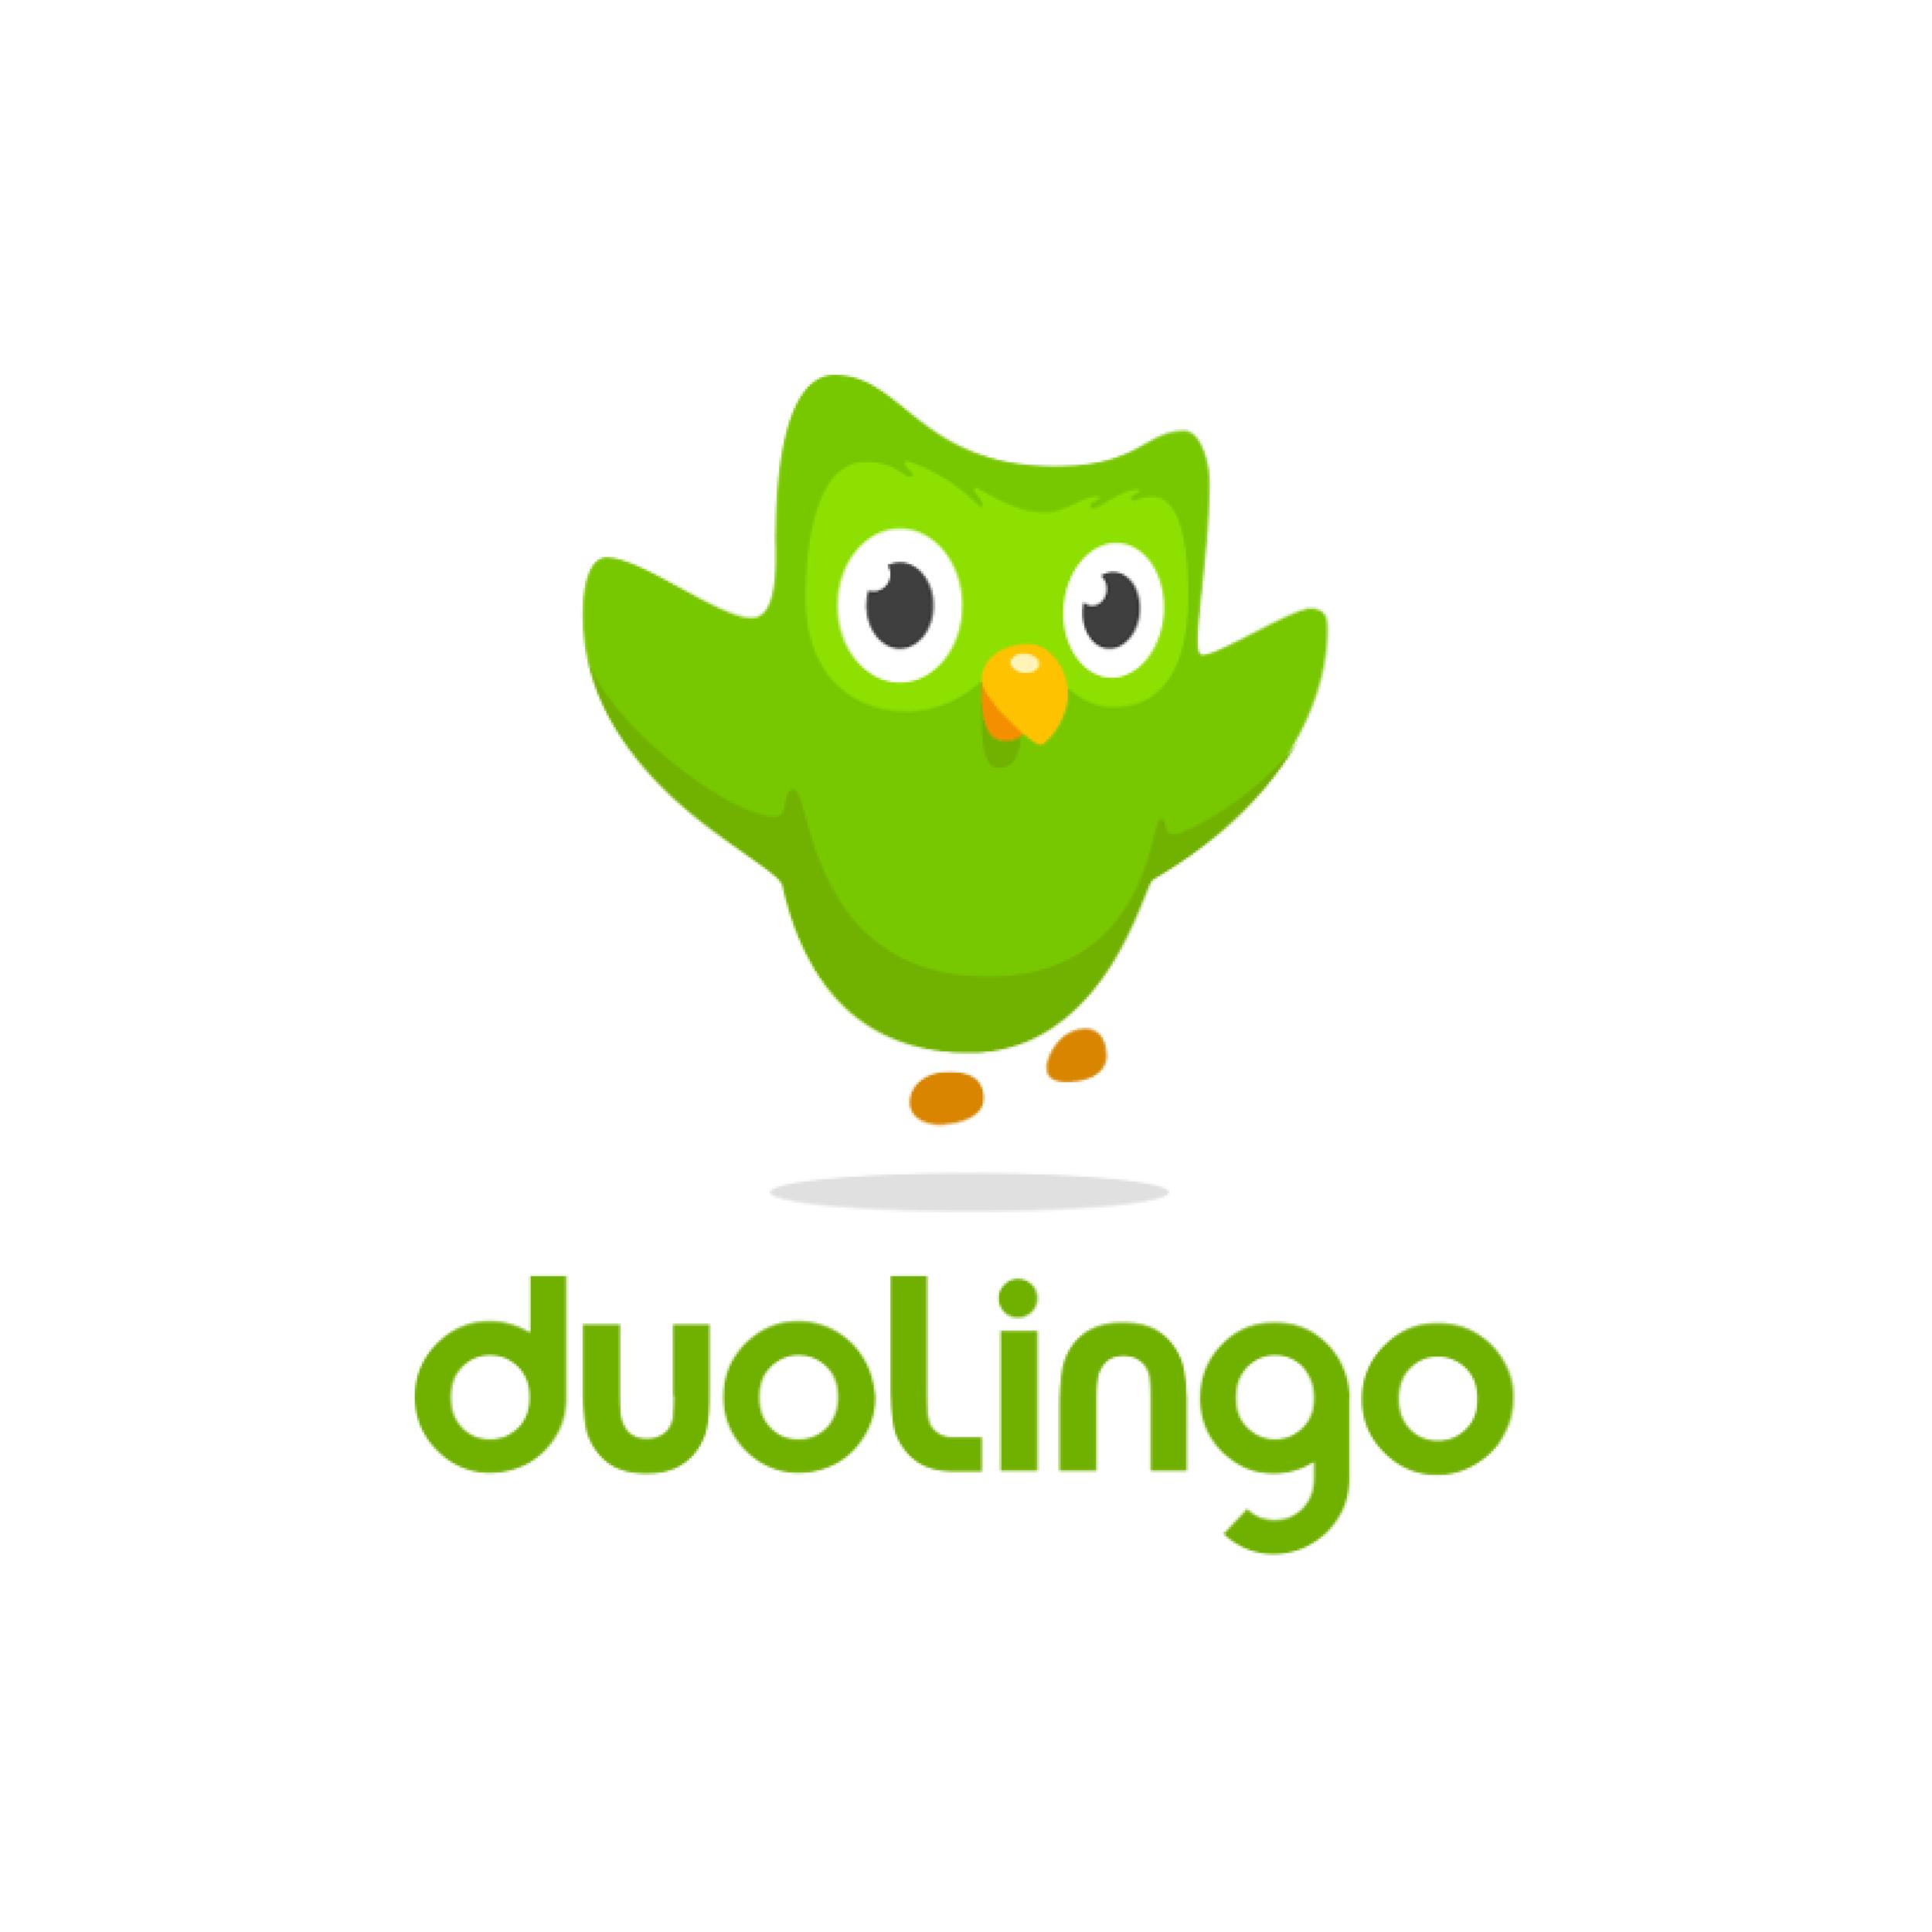 Duolingo   Duolingo Product Study